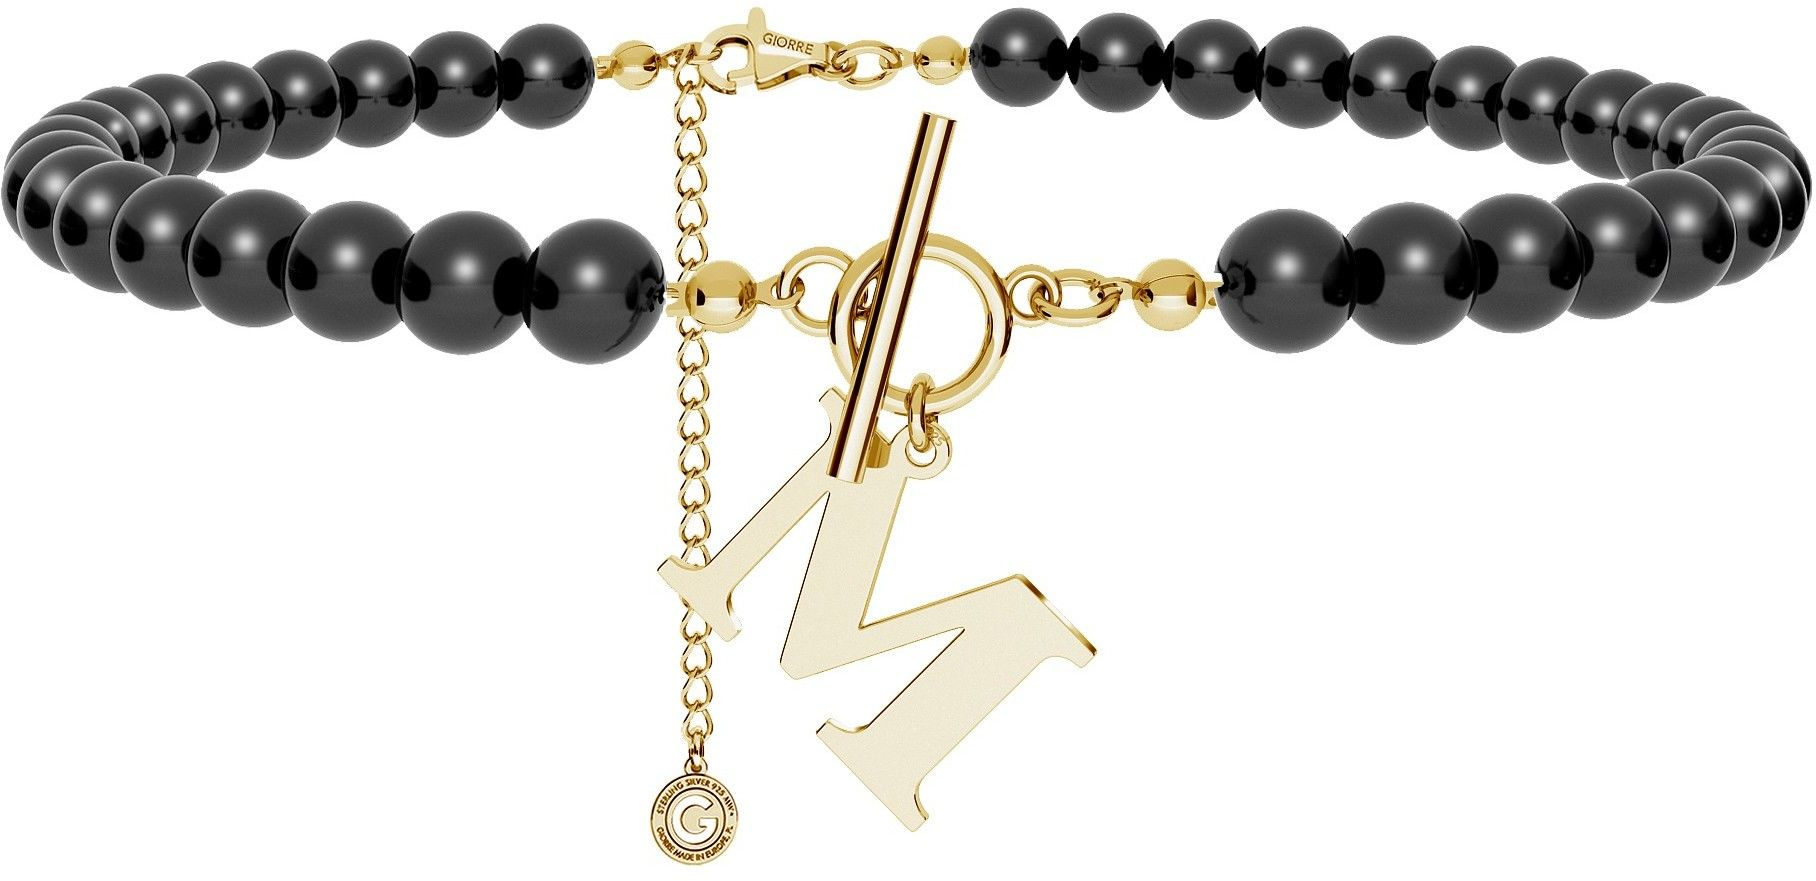 Czarny perłowy choker z dowolną literą, Swarovski, srebro 925 : Litera - R, Srebro - kolor pokrycia - Pokrycie platyną